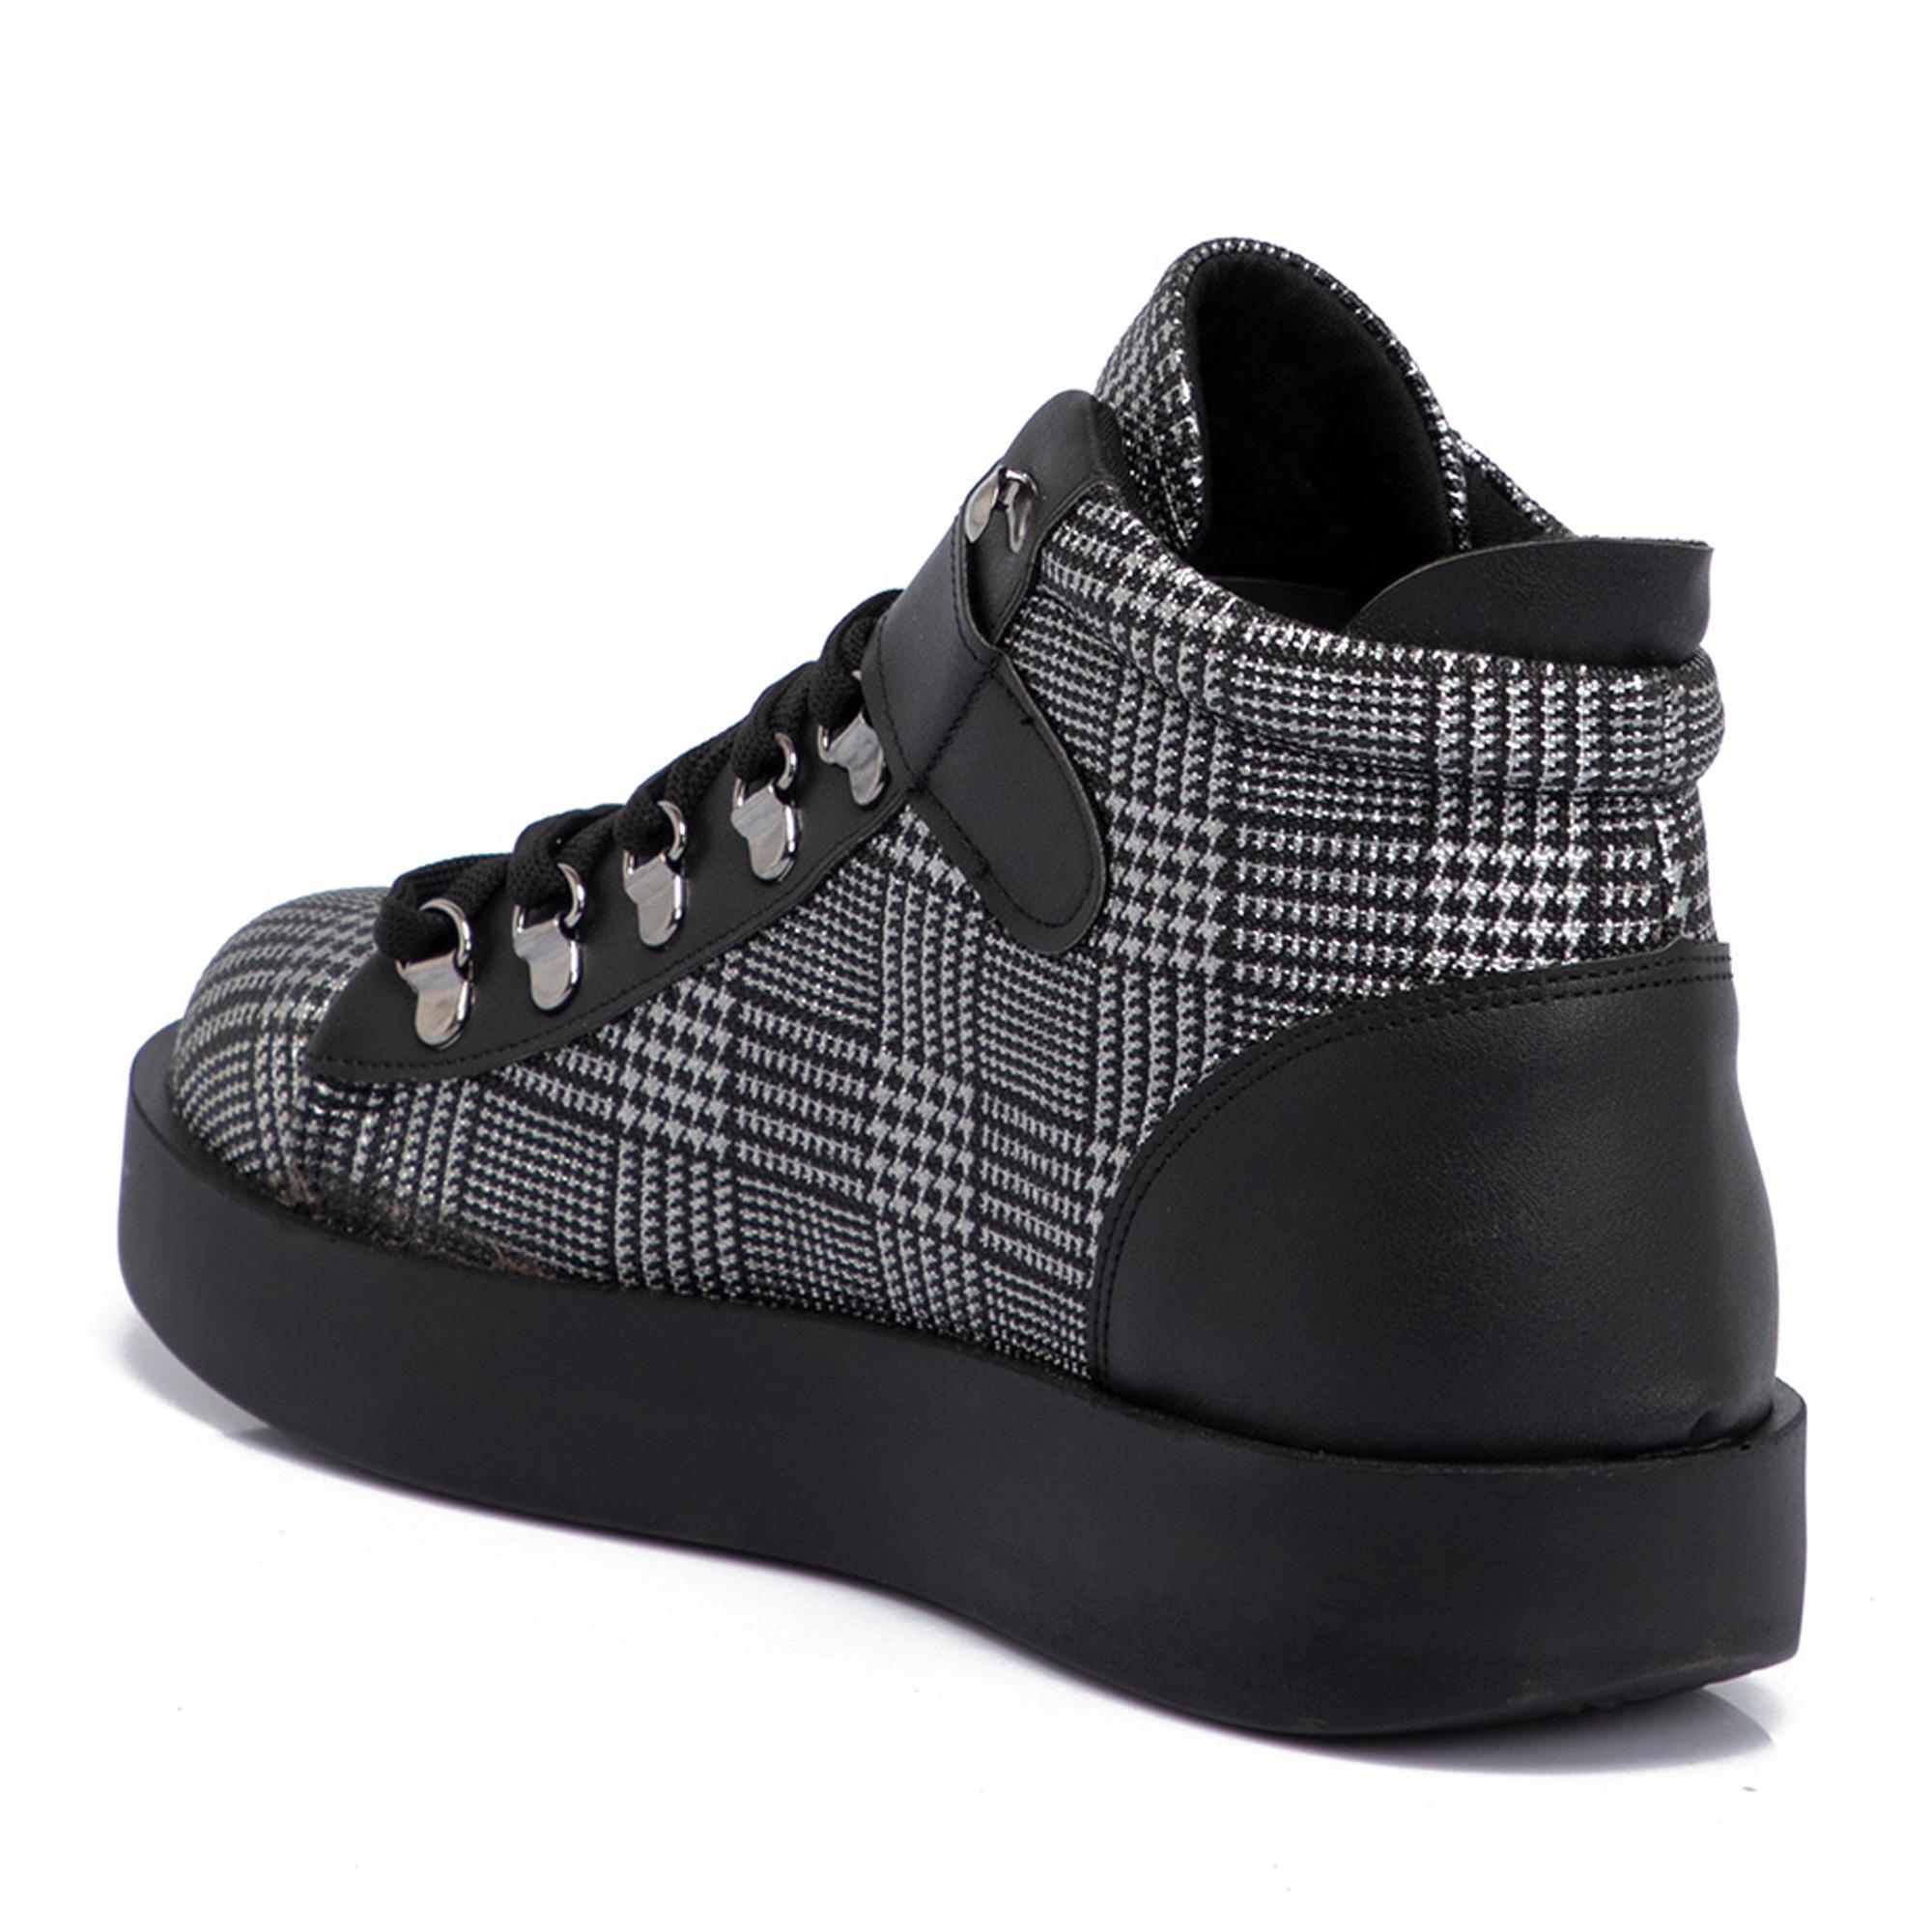 Siyah Tekstil Kadın Bot 65199D62